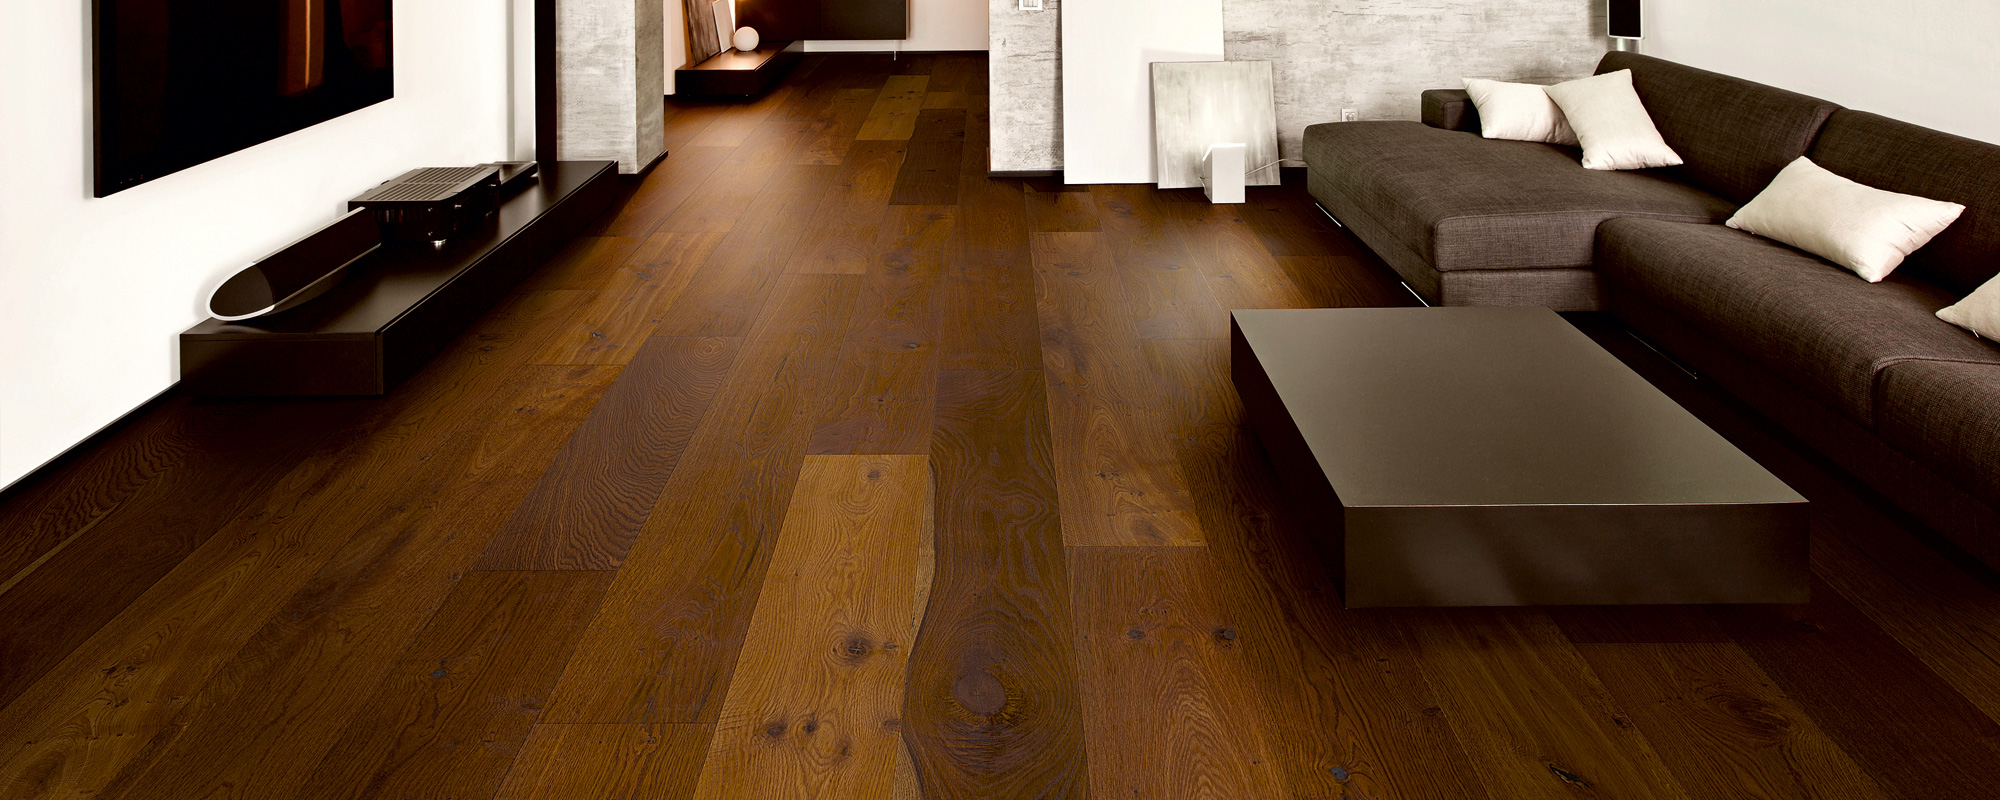 grand serie style flooring breite dielen in lebendiger leichtigkeit. Black Bedroom Furniture Sets. Home Design Ideas